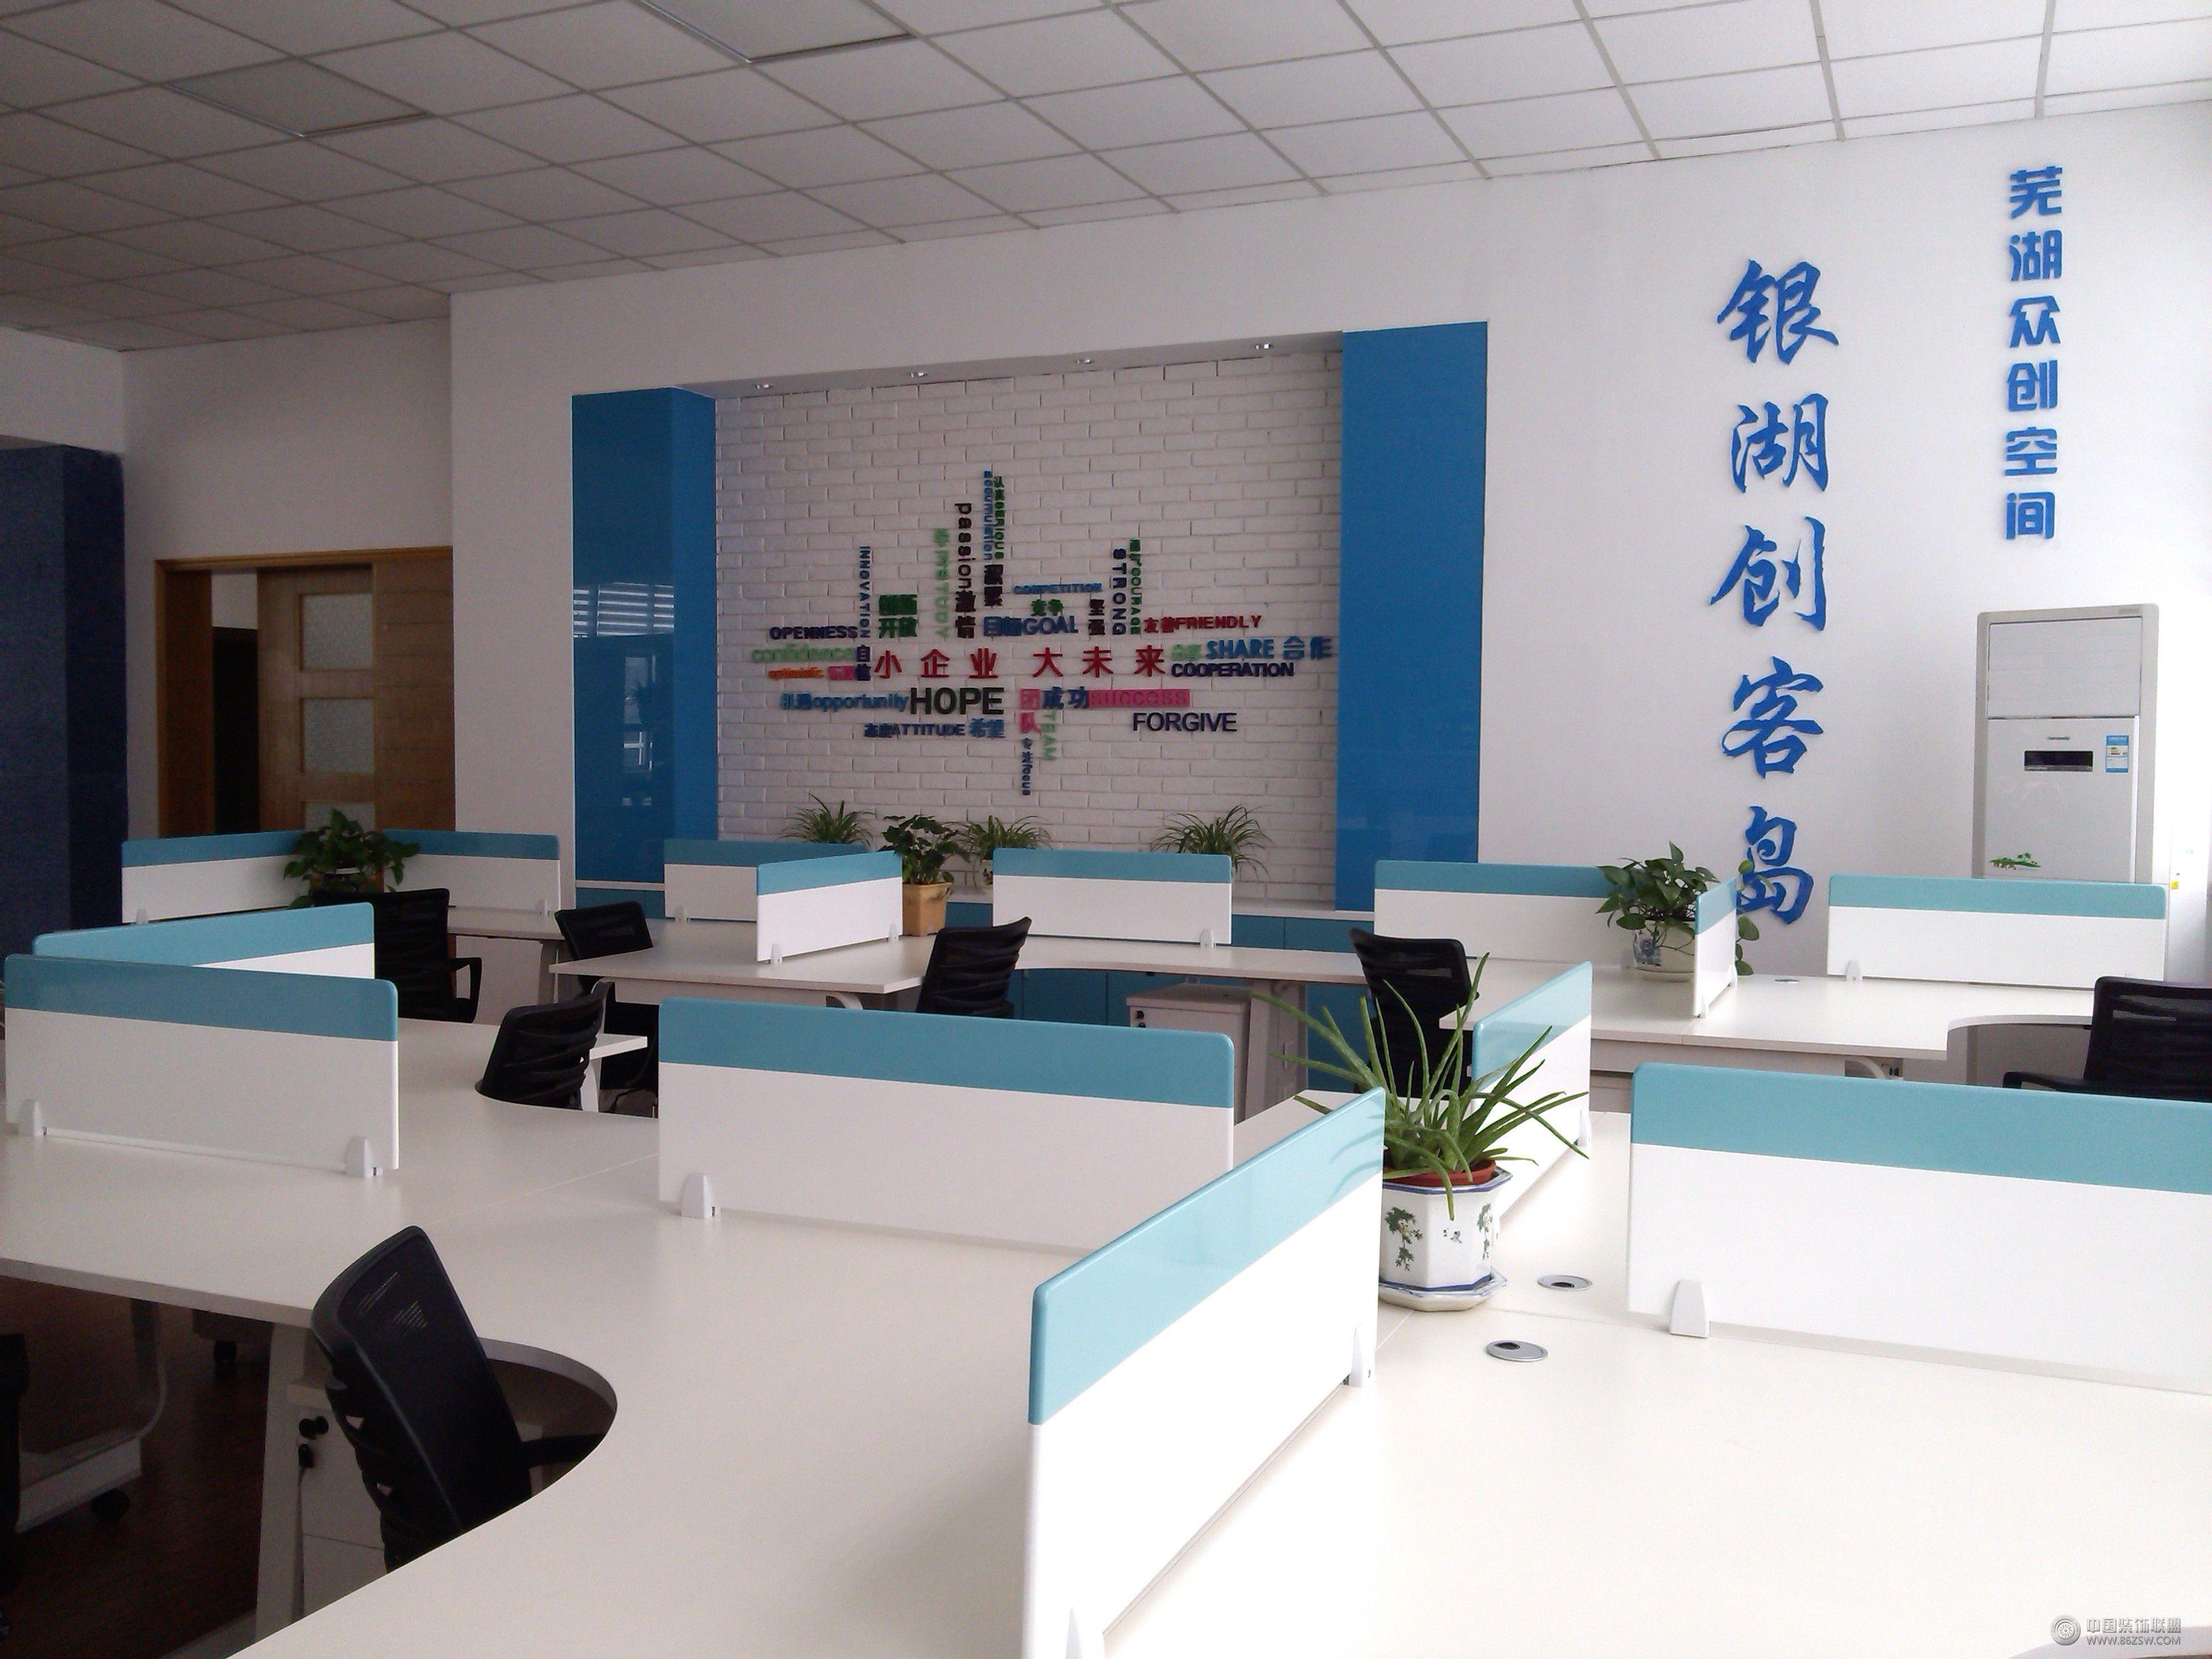 芜湖高新技术创业服务中心办公室装修-办公室装修图片